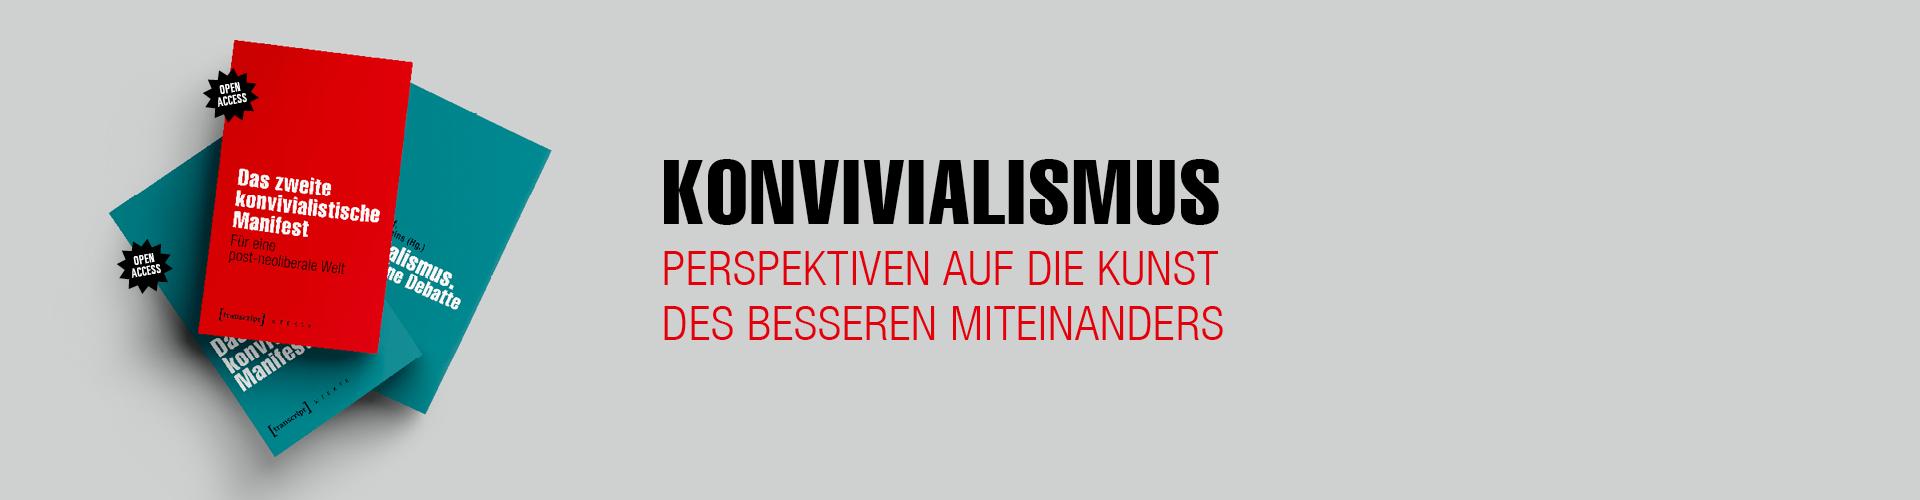 Konvivialismus